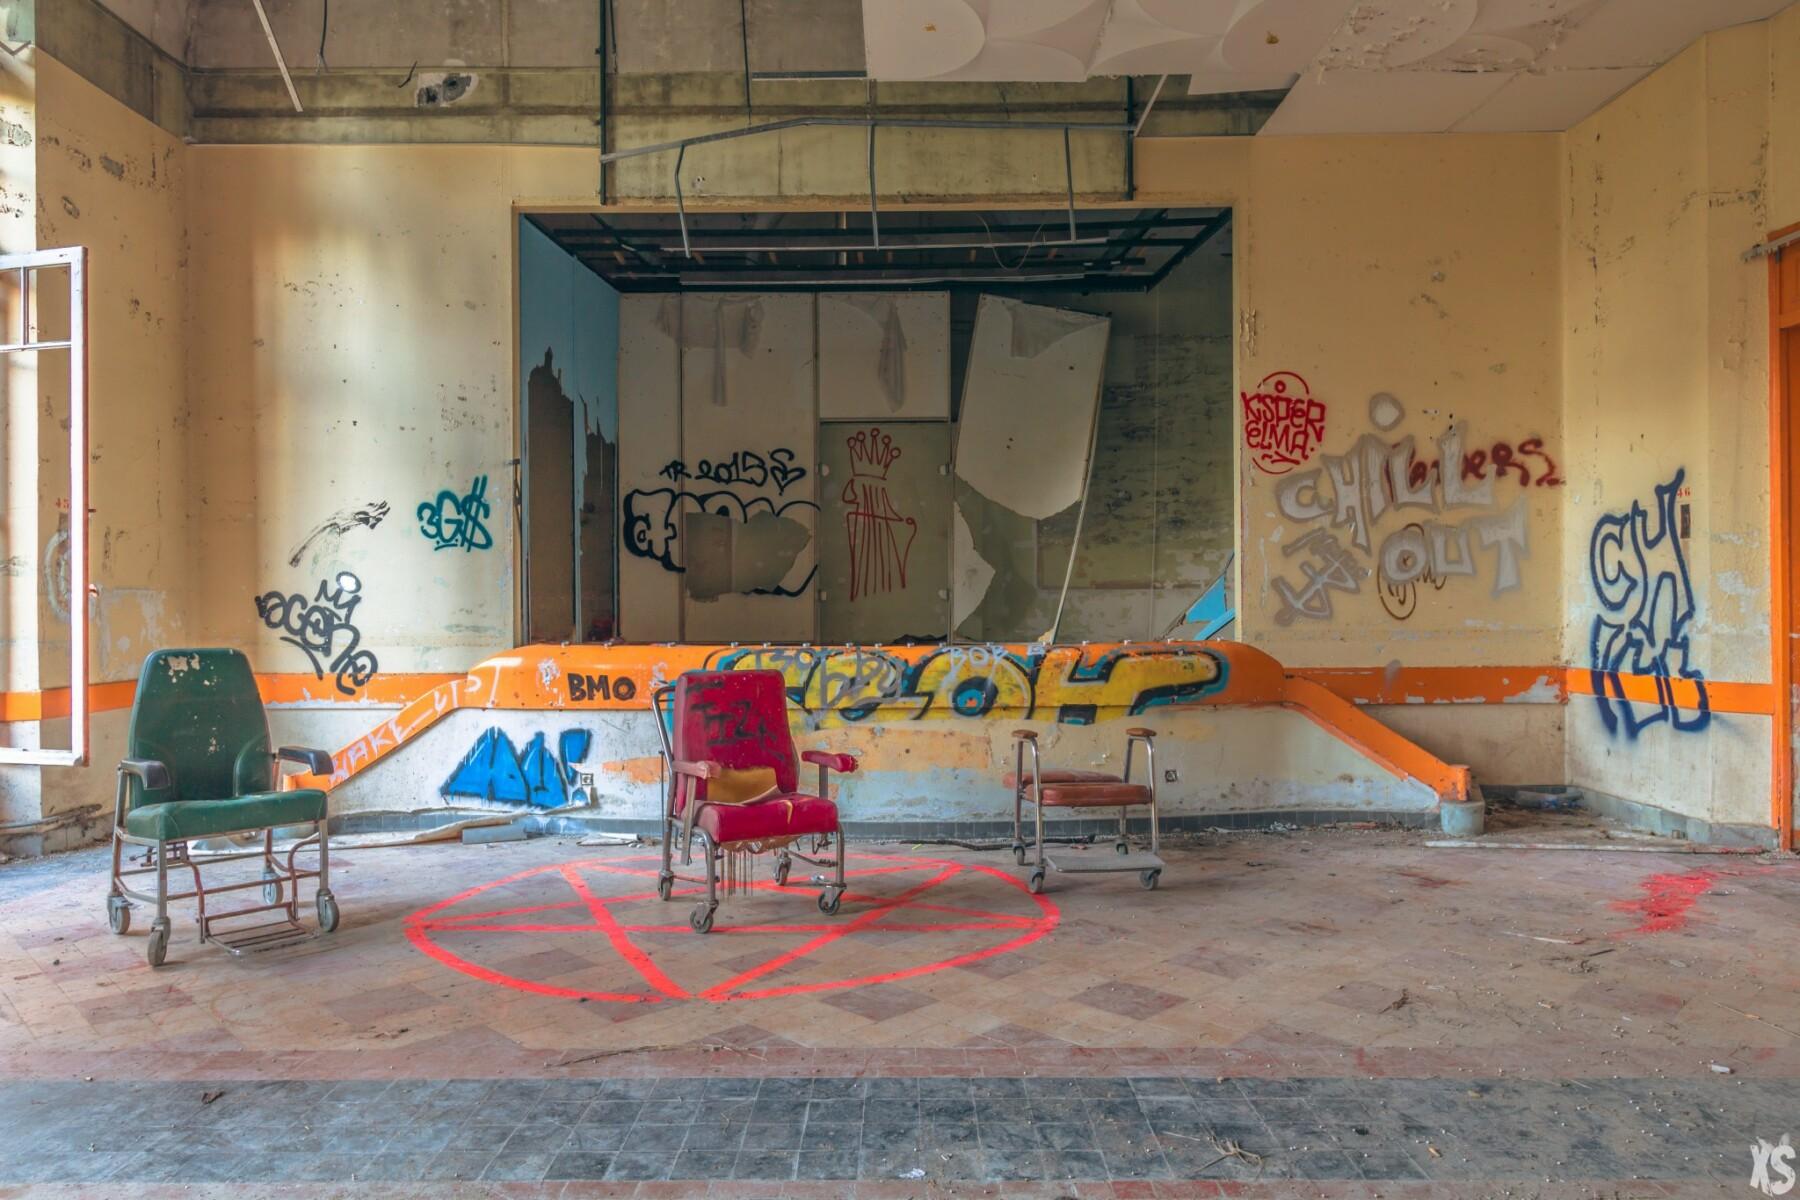 Sanatorium abandonné en France | urbexsession.com/sanatorium-nestor-pirotte | Urbex France